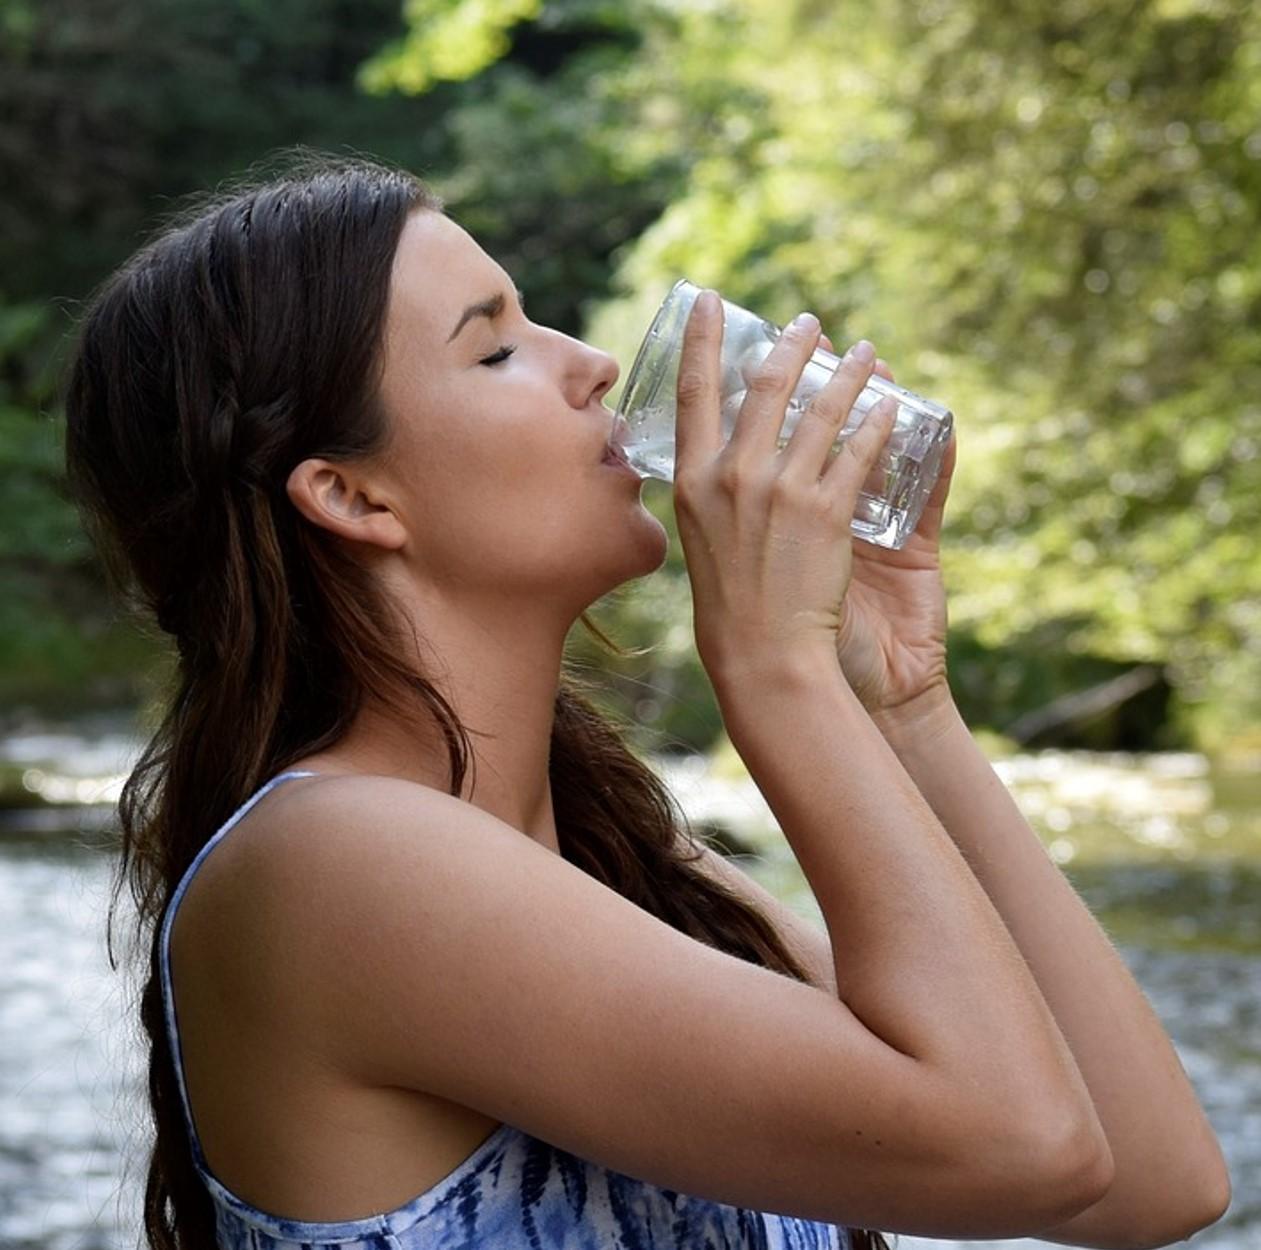 Uma mulher morena, bebendo água em um copo de vidro - Beba bastante água, mantenha o seu corpo hidratado. (Fonte: Pixabay)